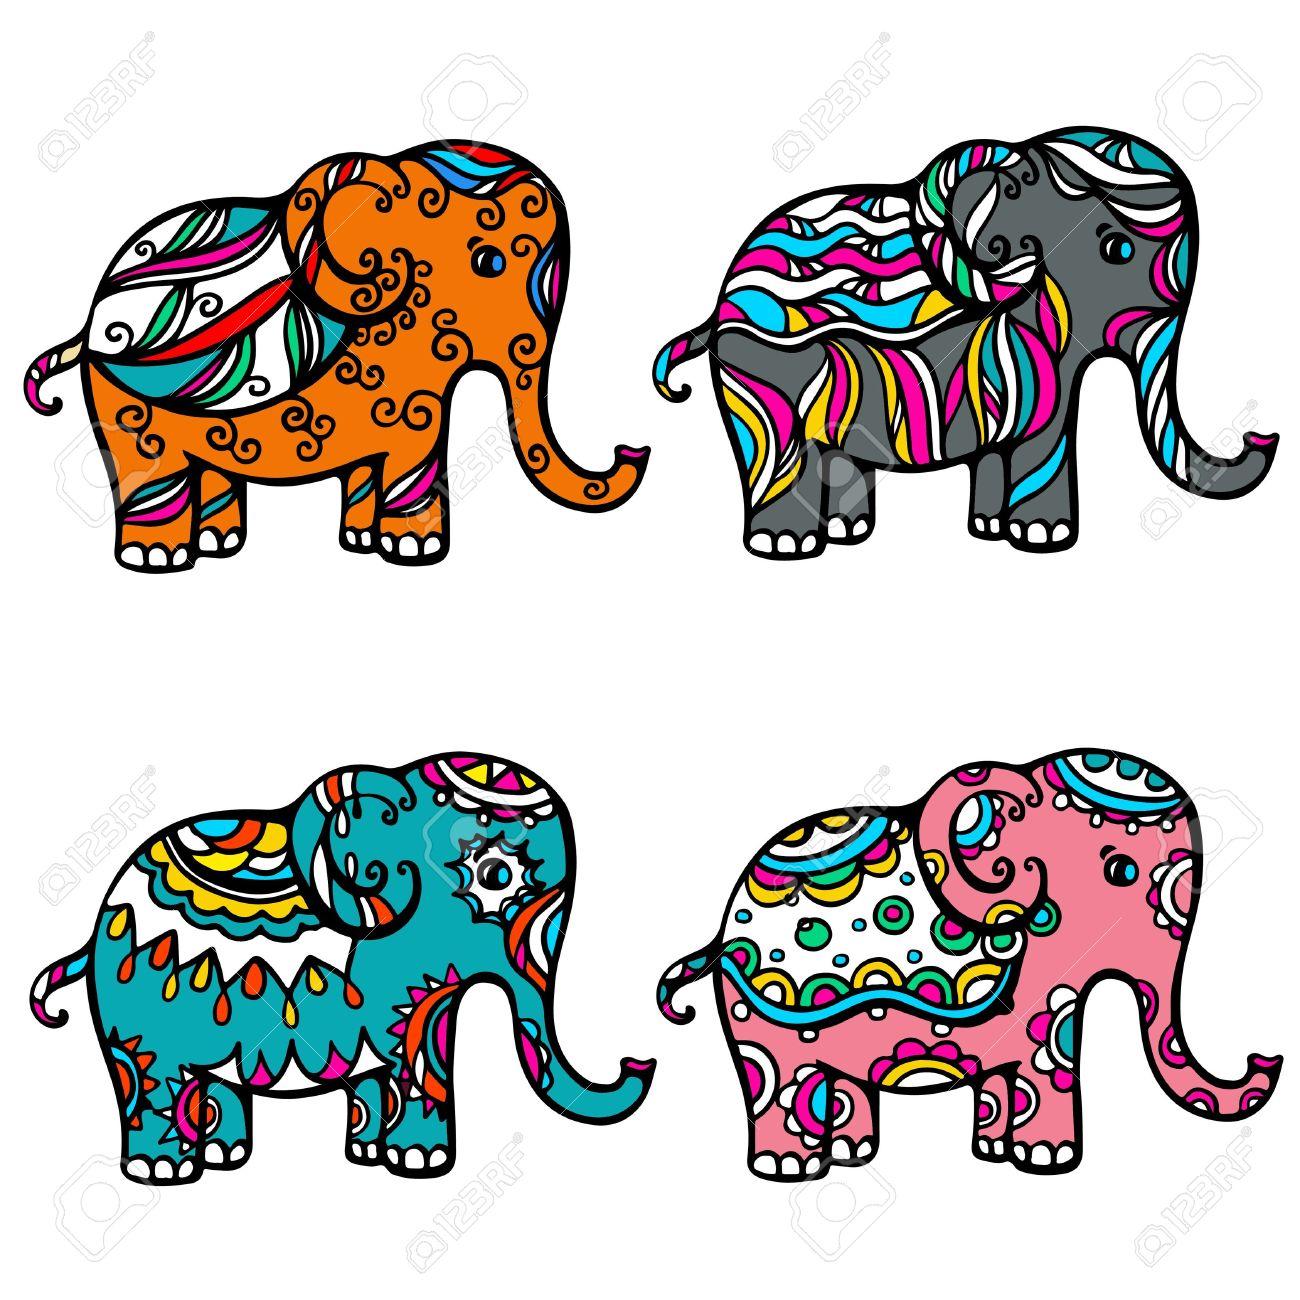 dibujo elefante indio.